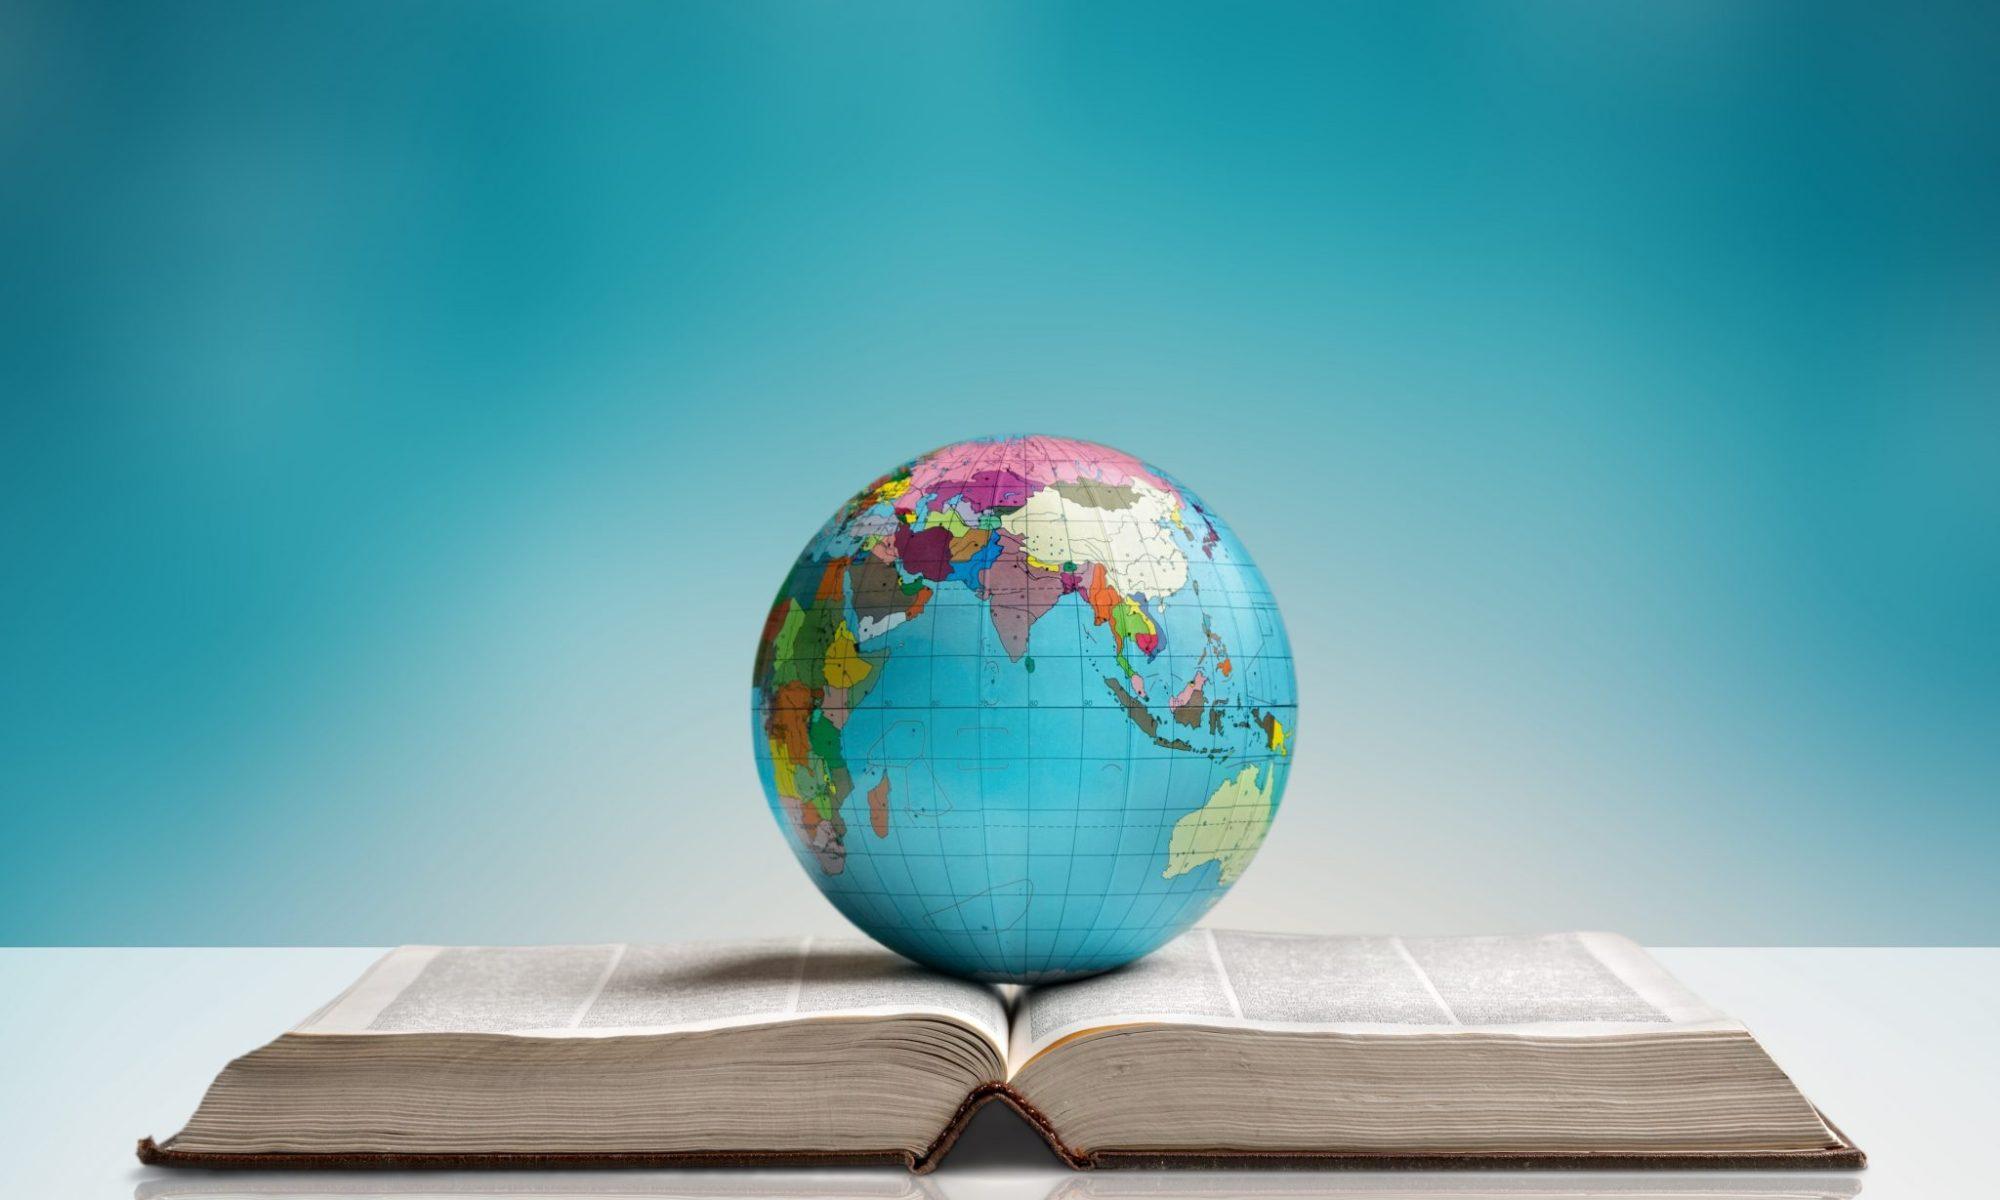 Globe on a book